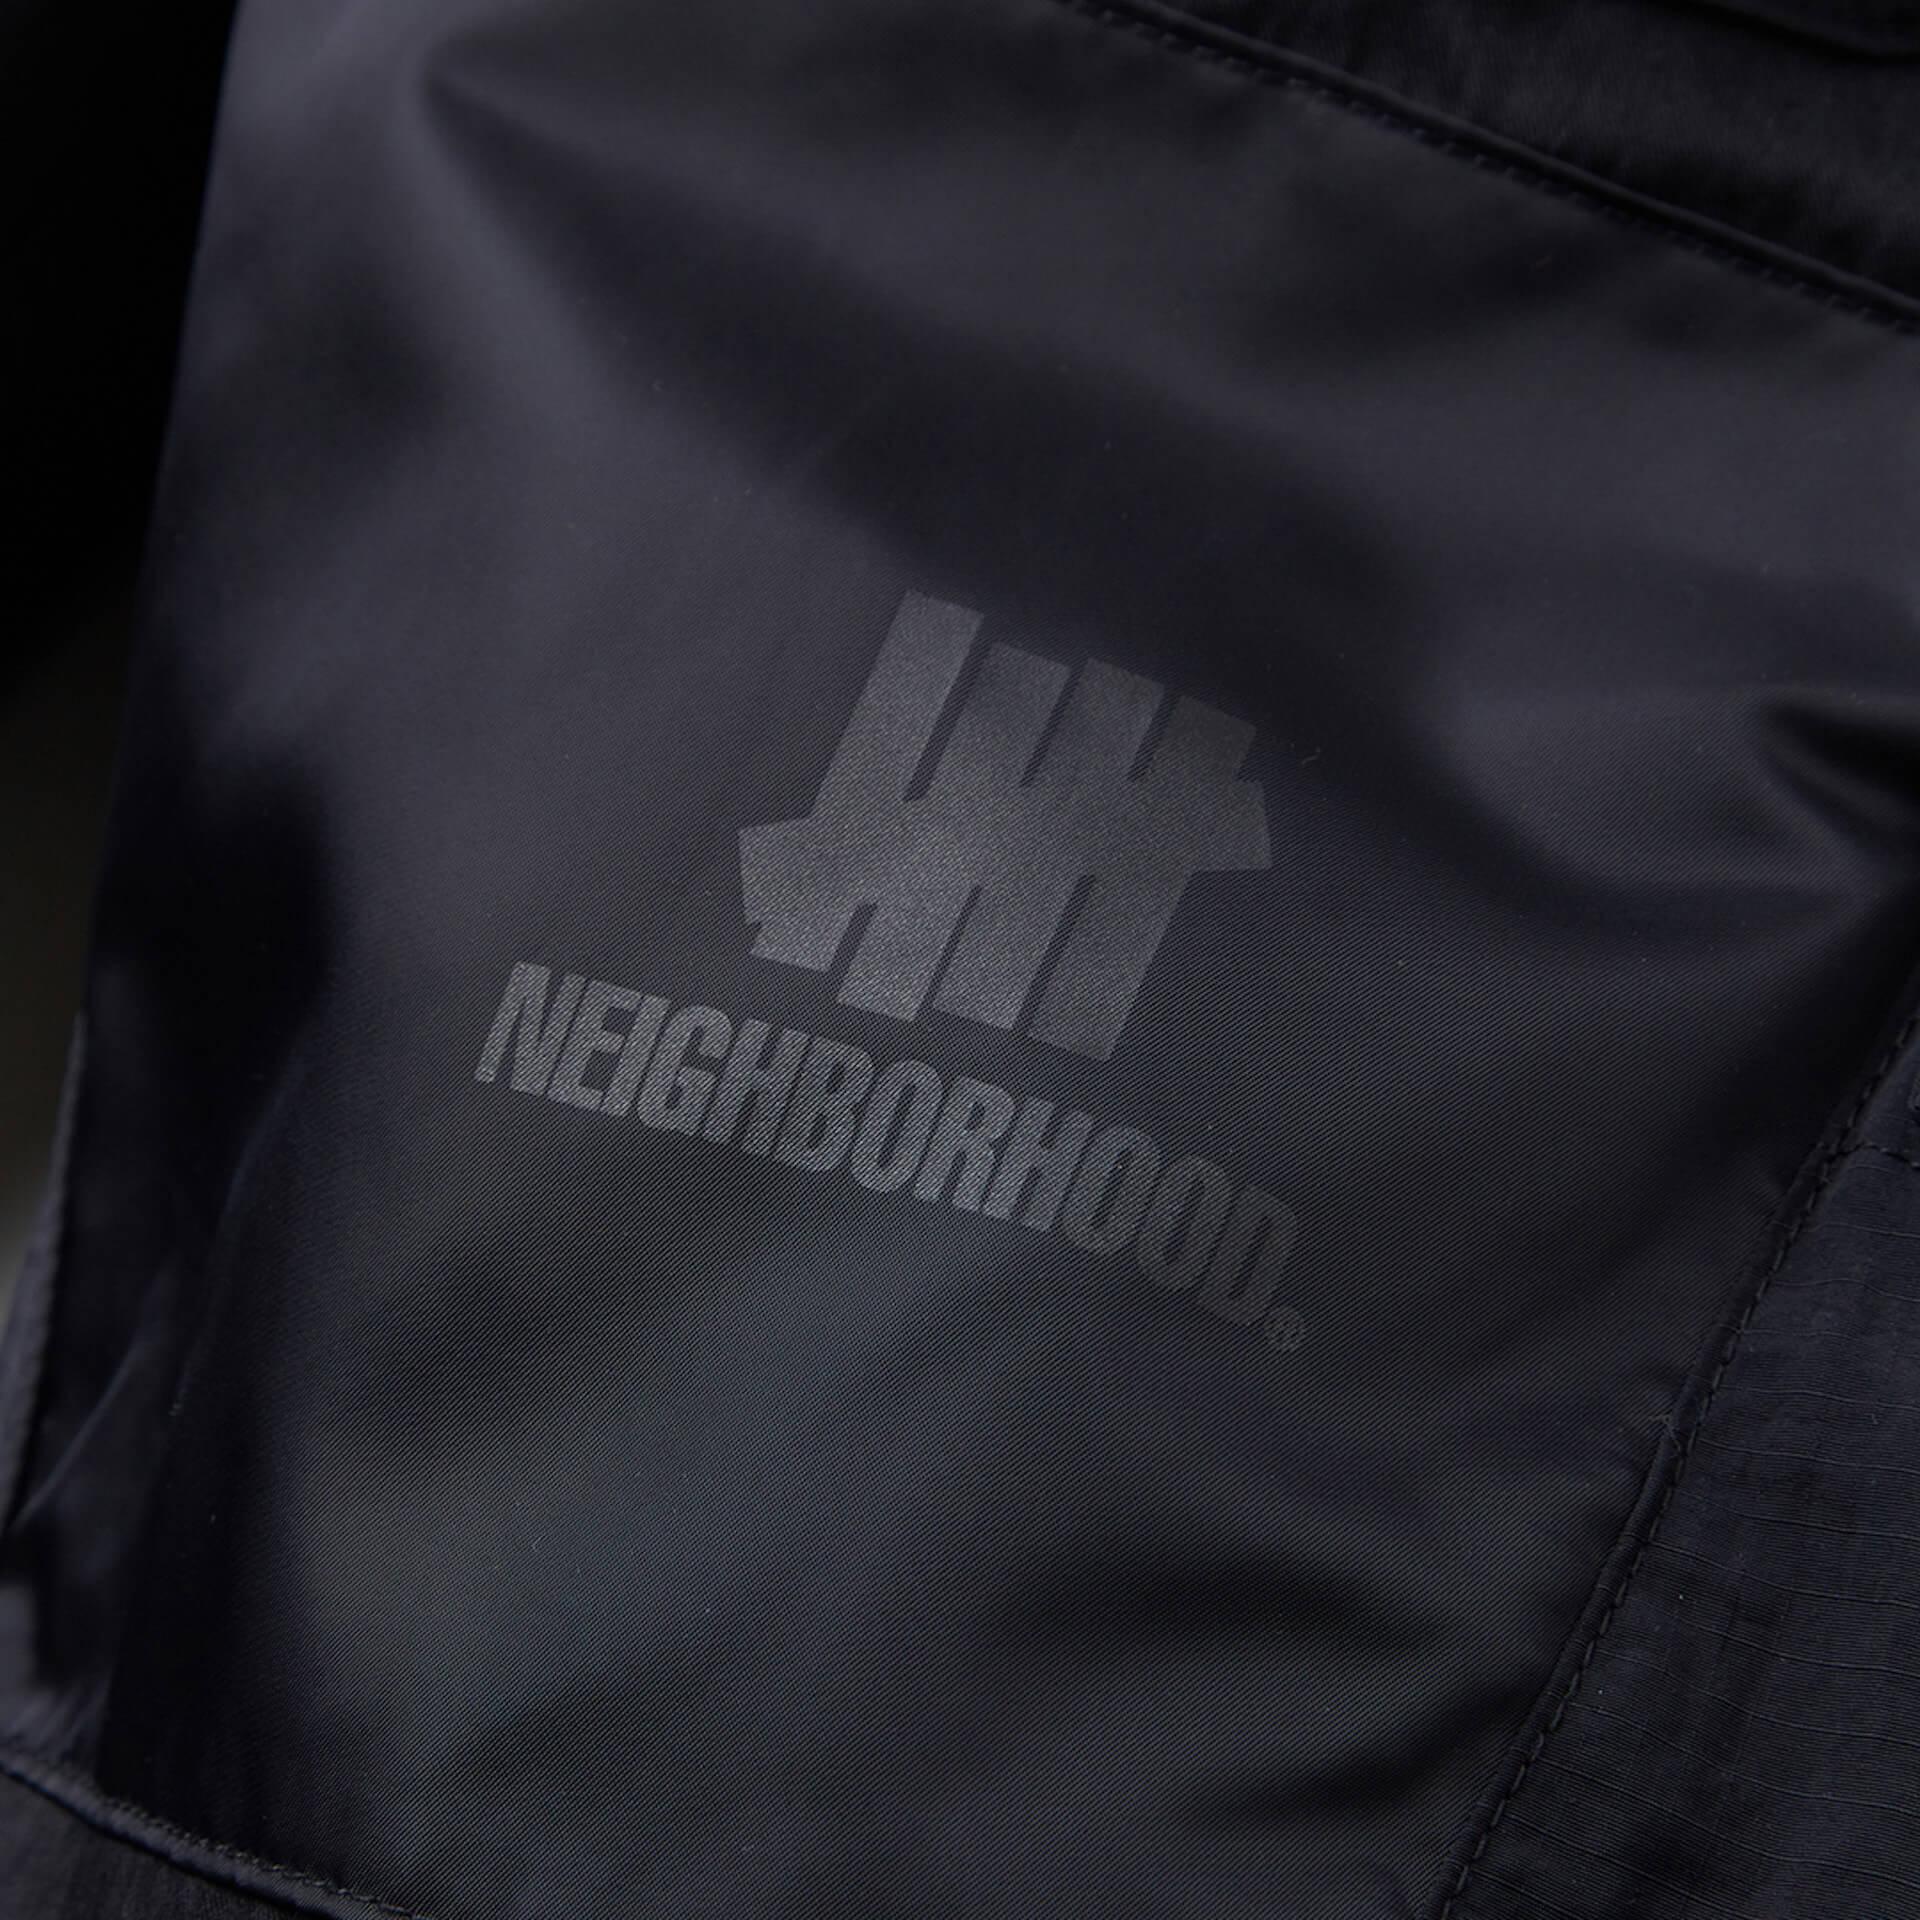 NEIGHBORHOODとUNDEFEATEDのコラボコレクションが今週リリース!社会問題をテーマにしたストリートウェアがラインナップ life210216_neighborhood_undefeted_18